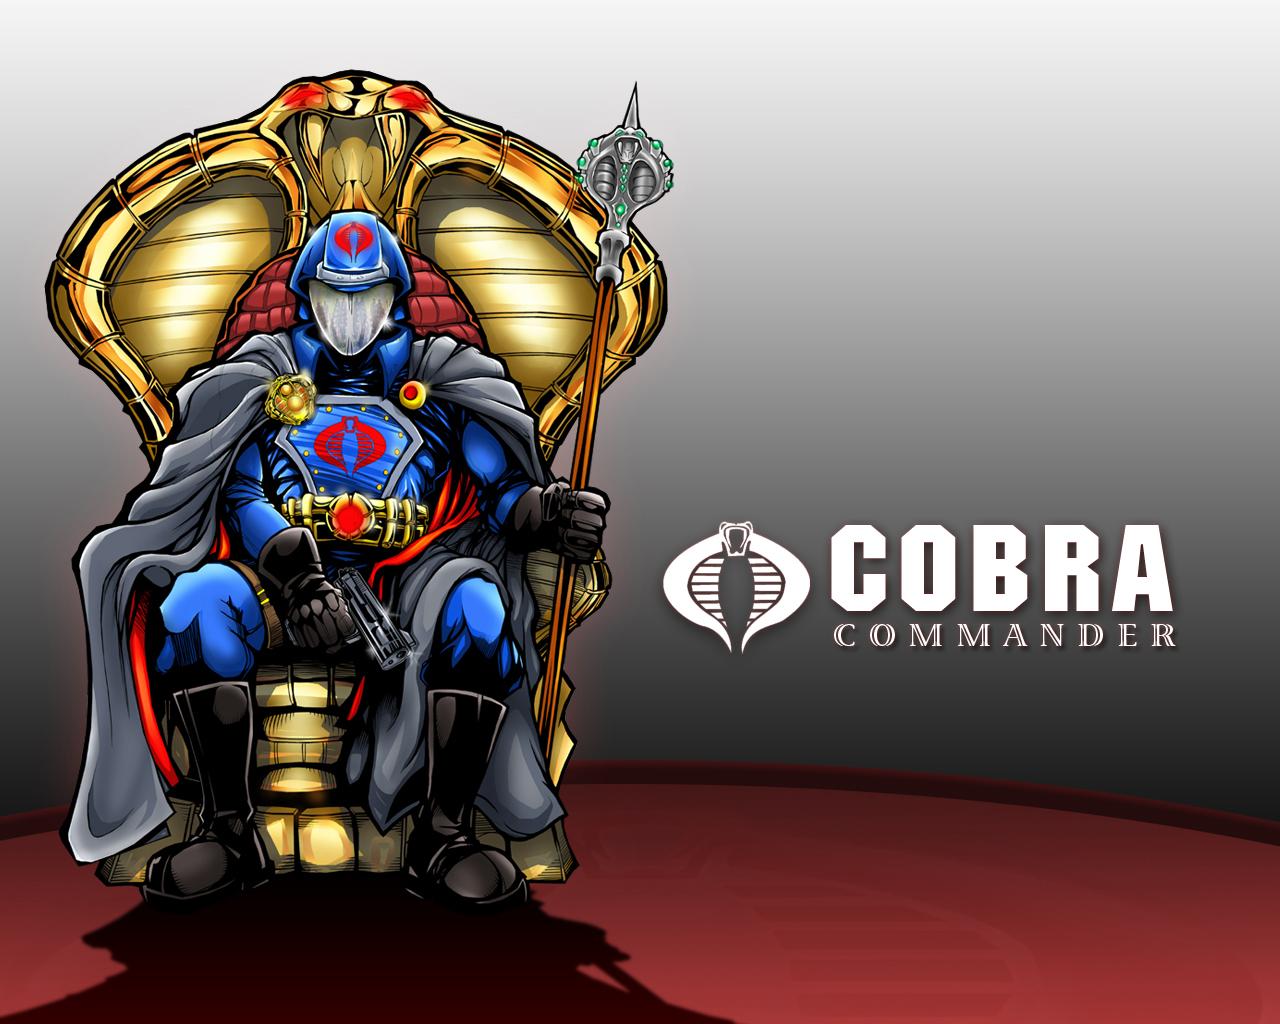 cobra commander wallpaper hd - photo #6